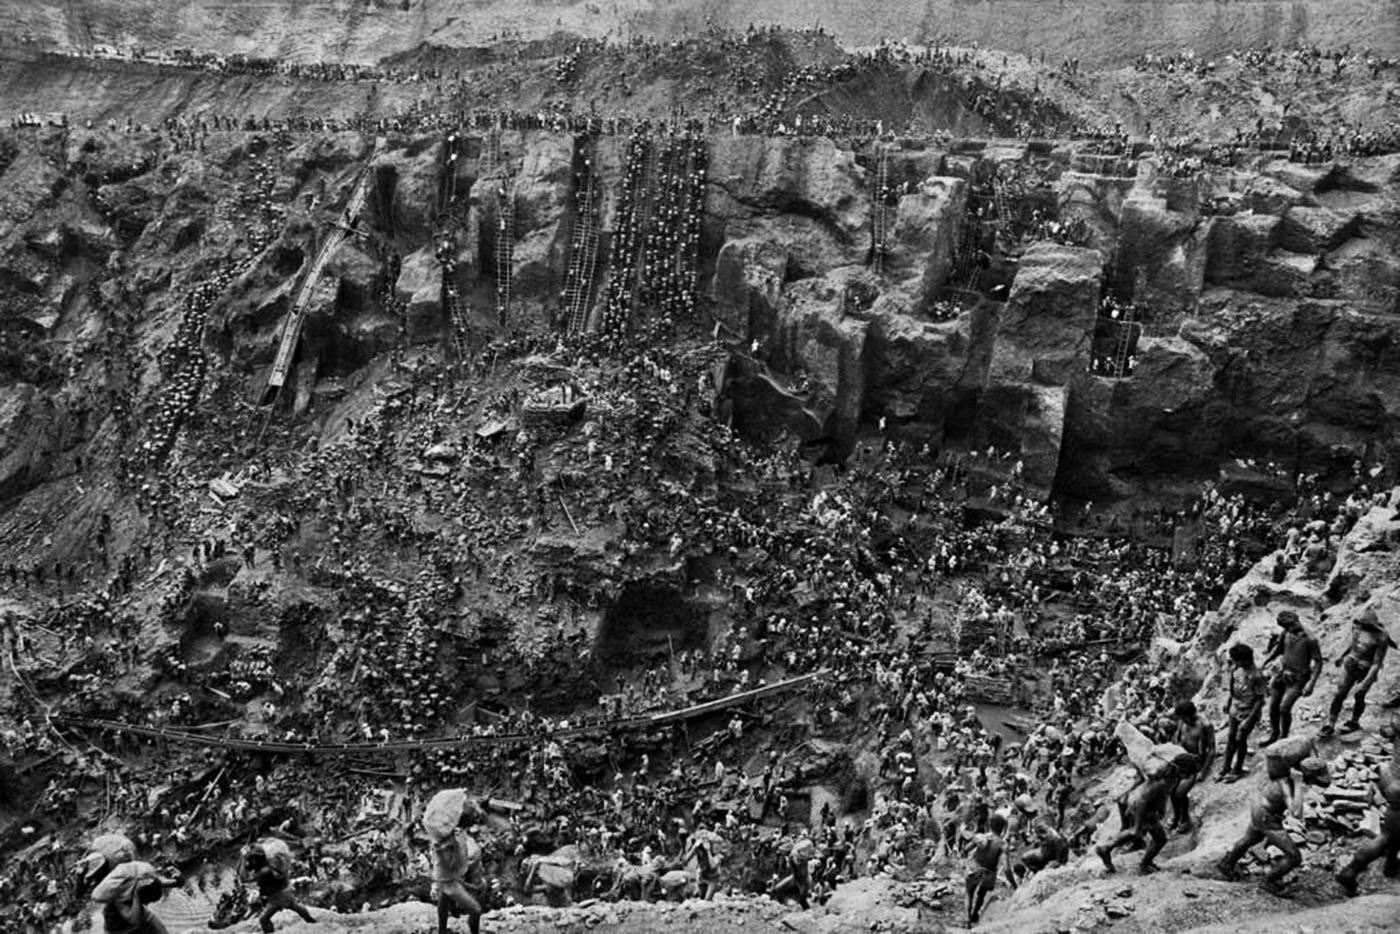 Serra Pelada was a large gold mine in Brazil.